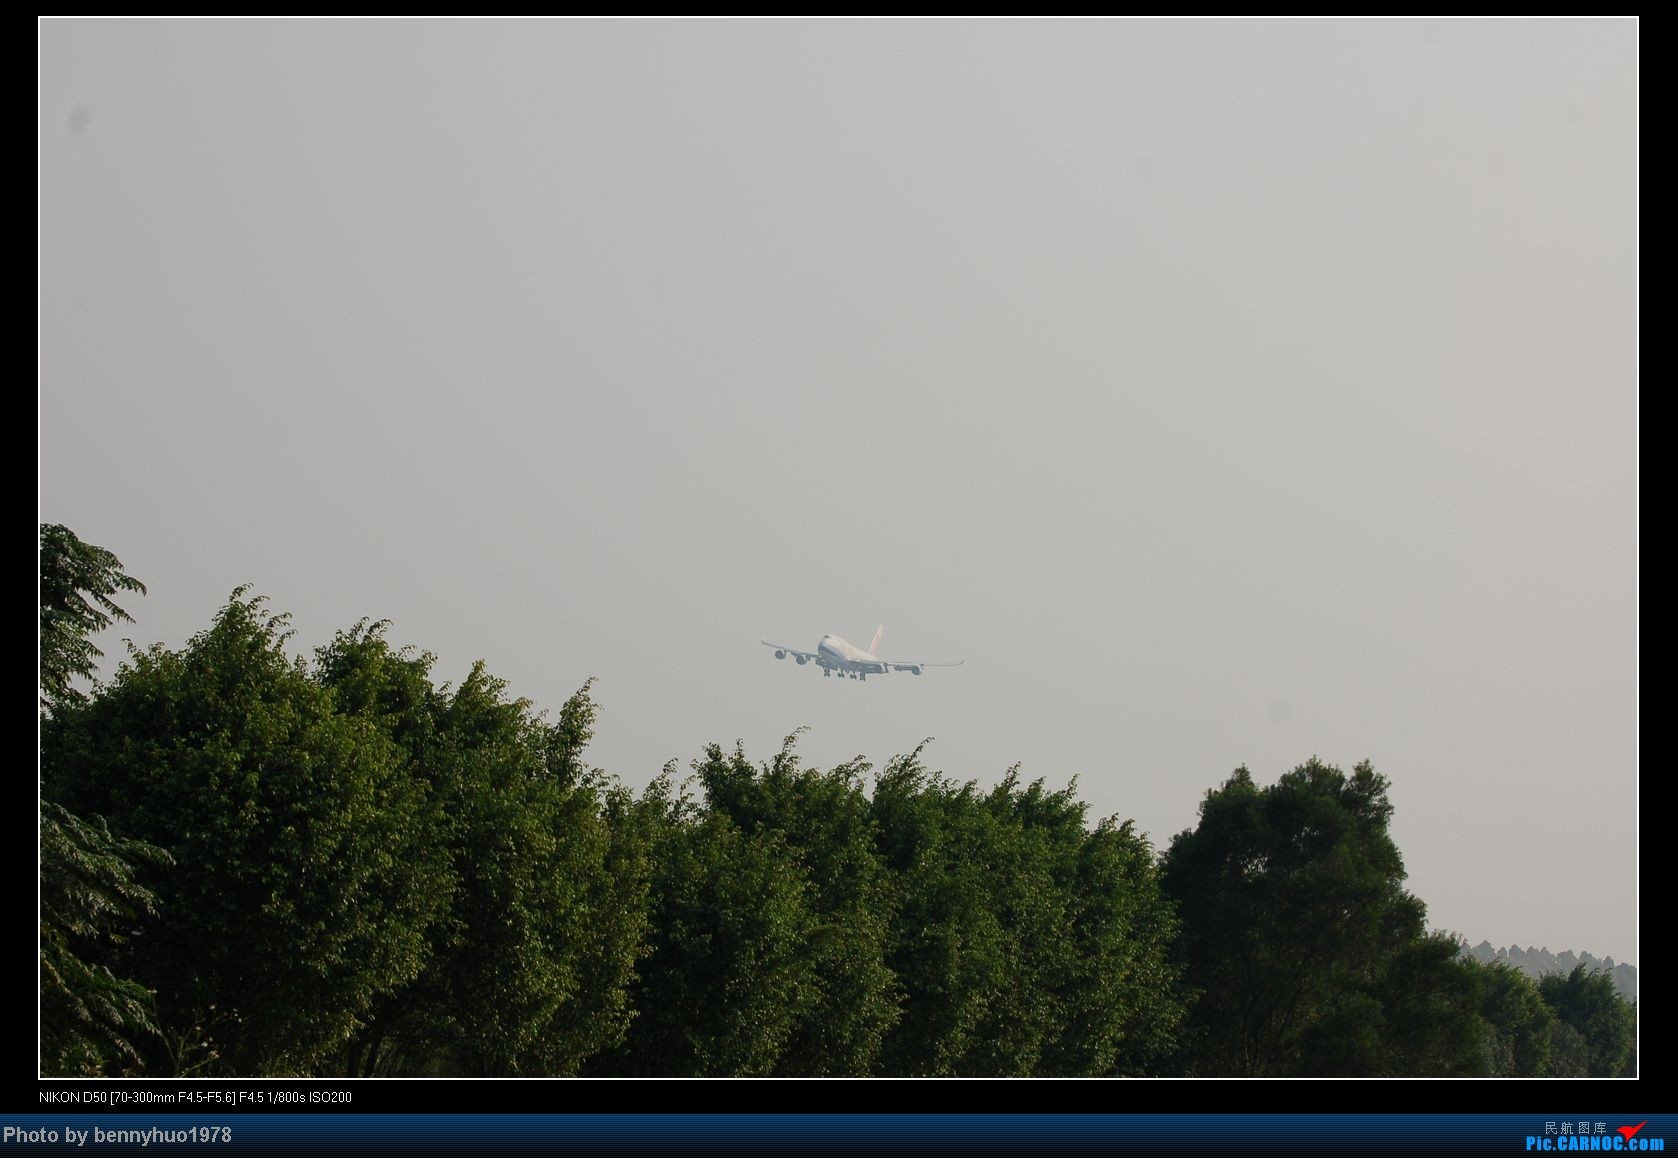 Re:[原创]第一次拍飞机,第一次发帖。国庆一个人去白云机场,累! BOEING 747-400 B-18215 中国广州白云机场